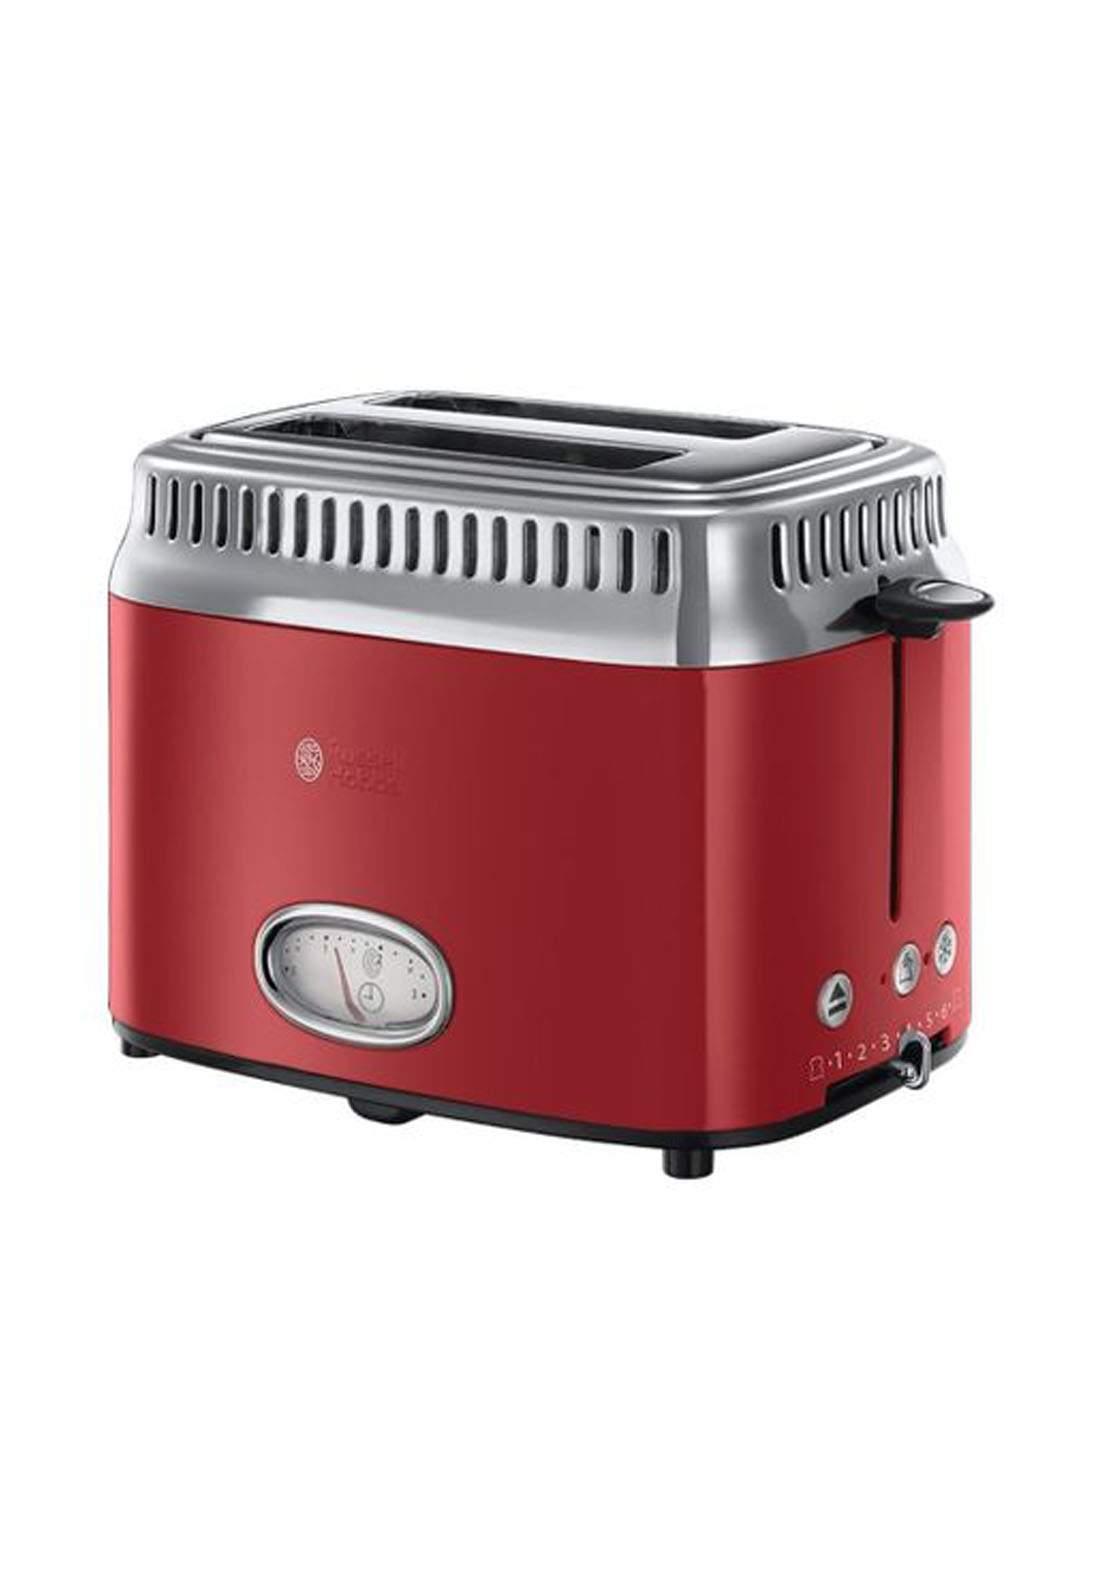 Russell hobbs 21680 Toaster محمصة